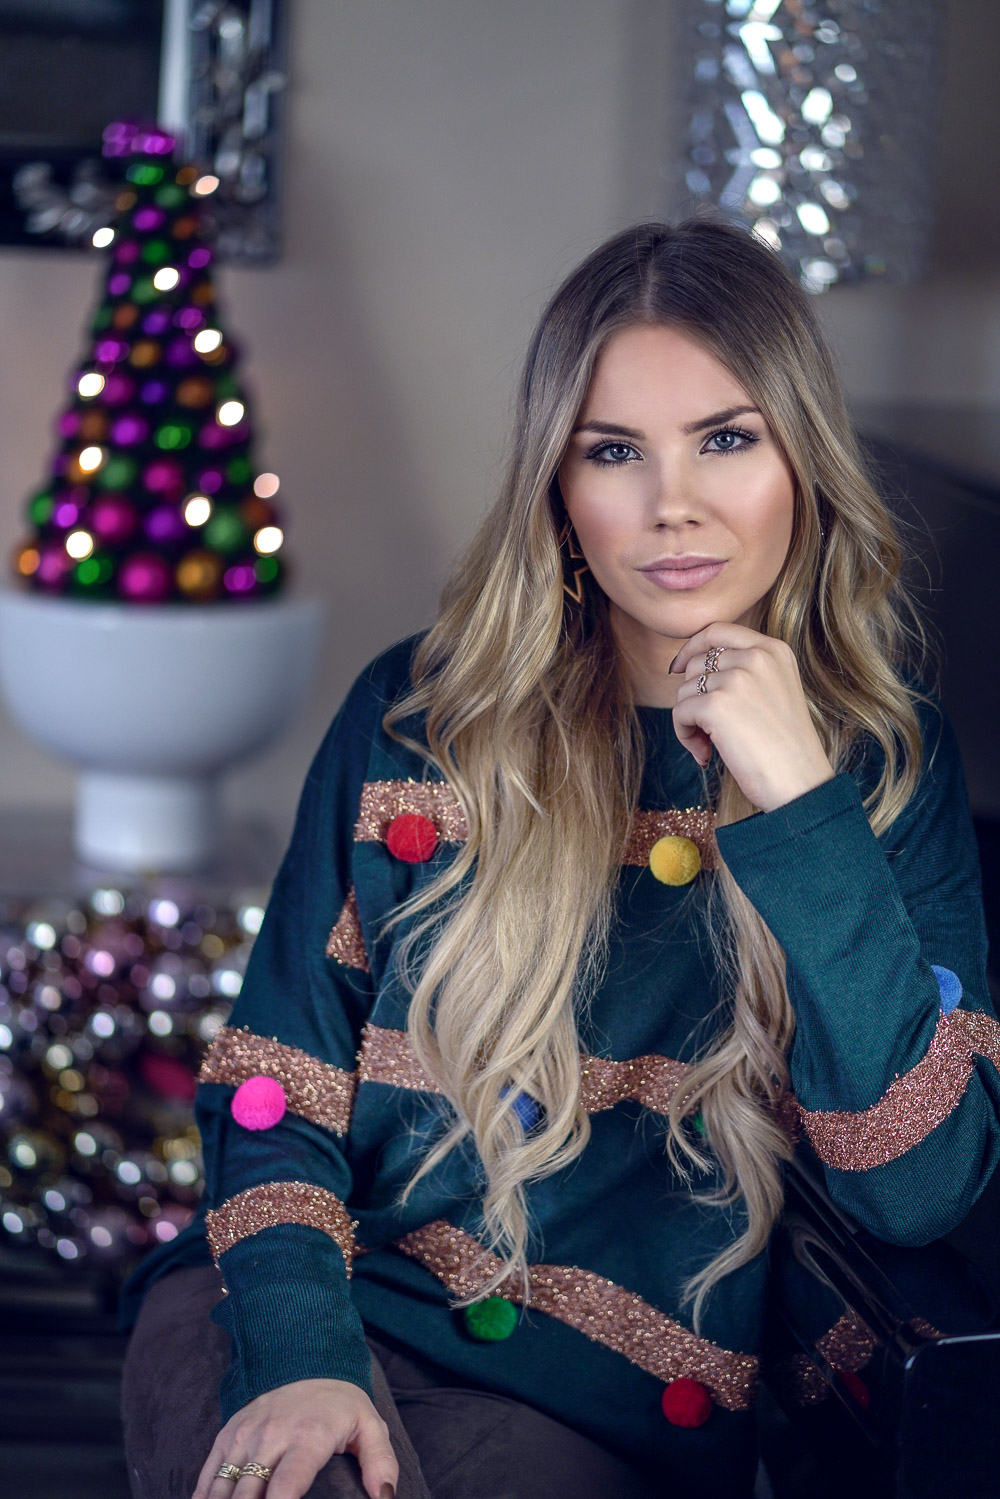 Weihnachtspullover-Tannenbaum-grün-PomPoms-Weihnachten-Ugly Christmas Sweater Trend-Pullover